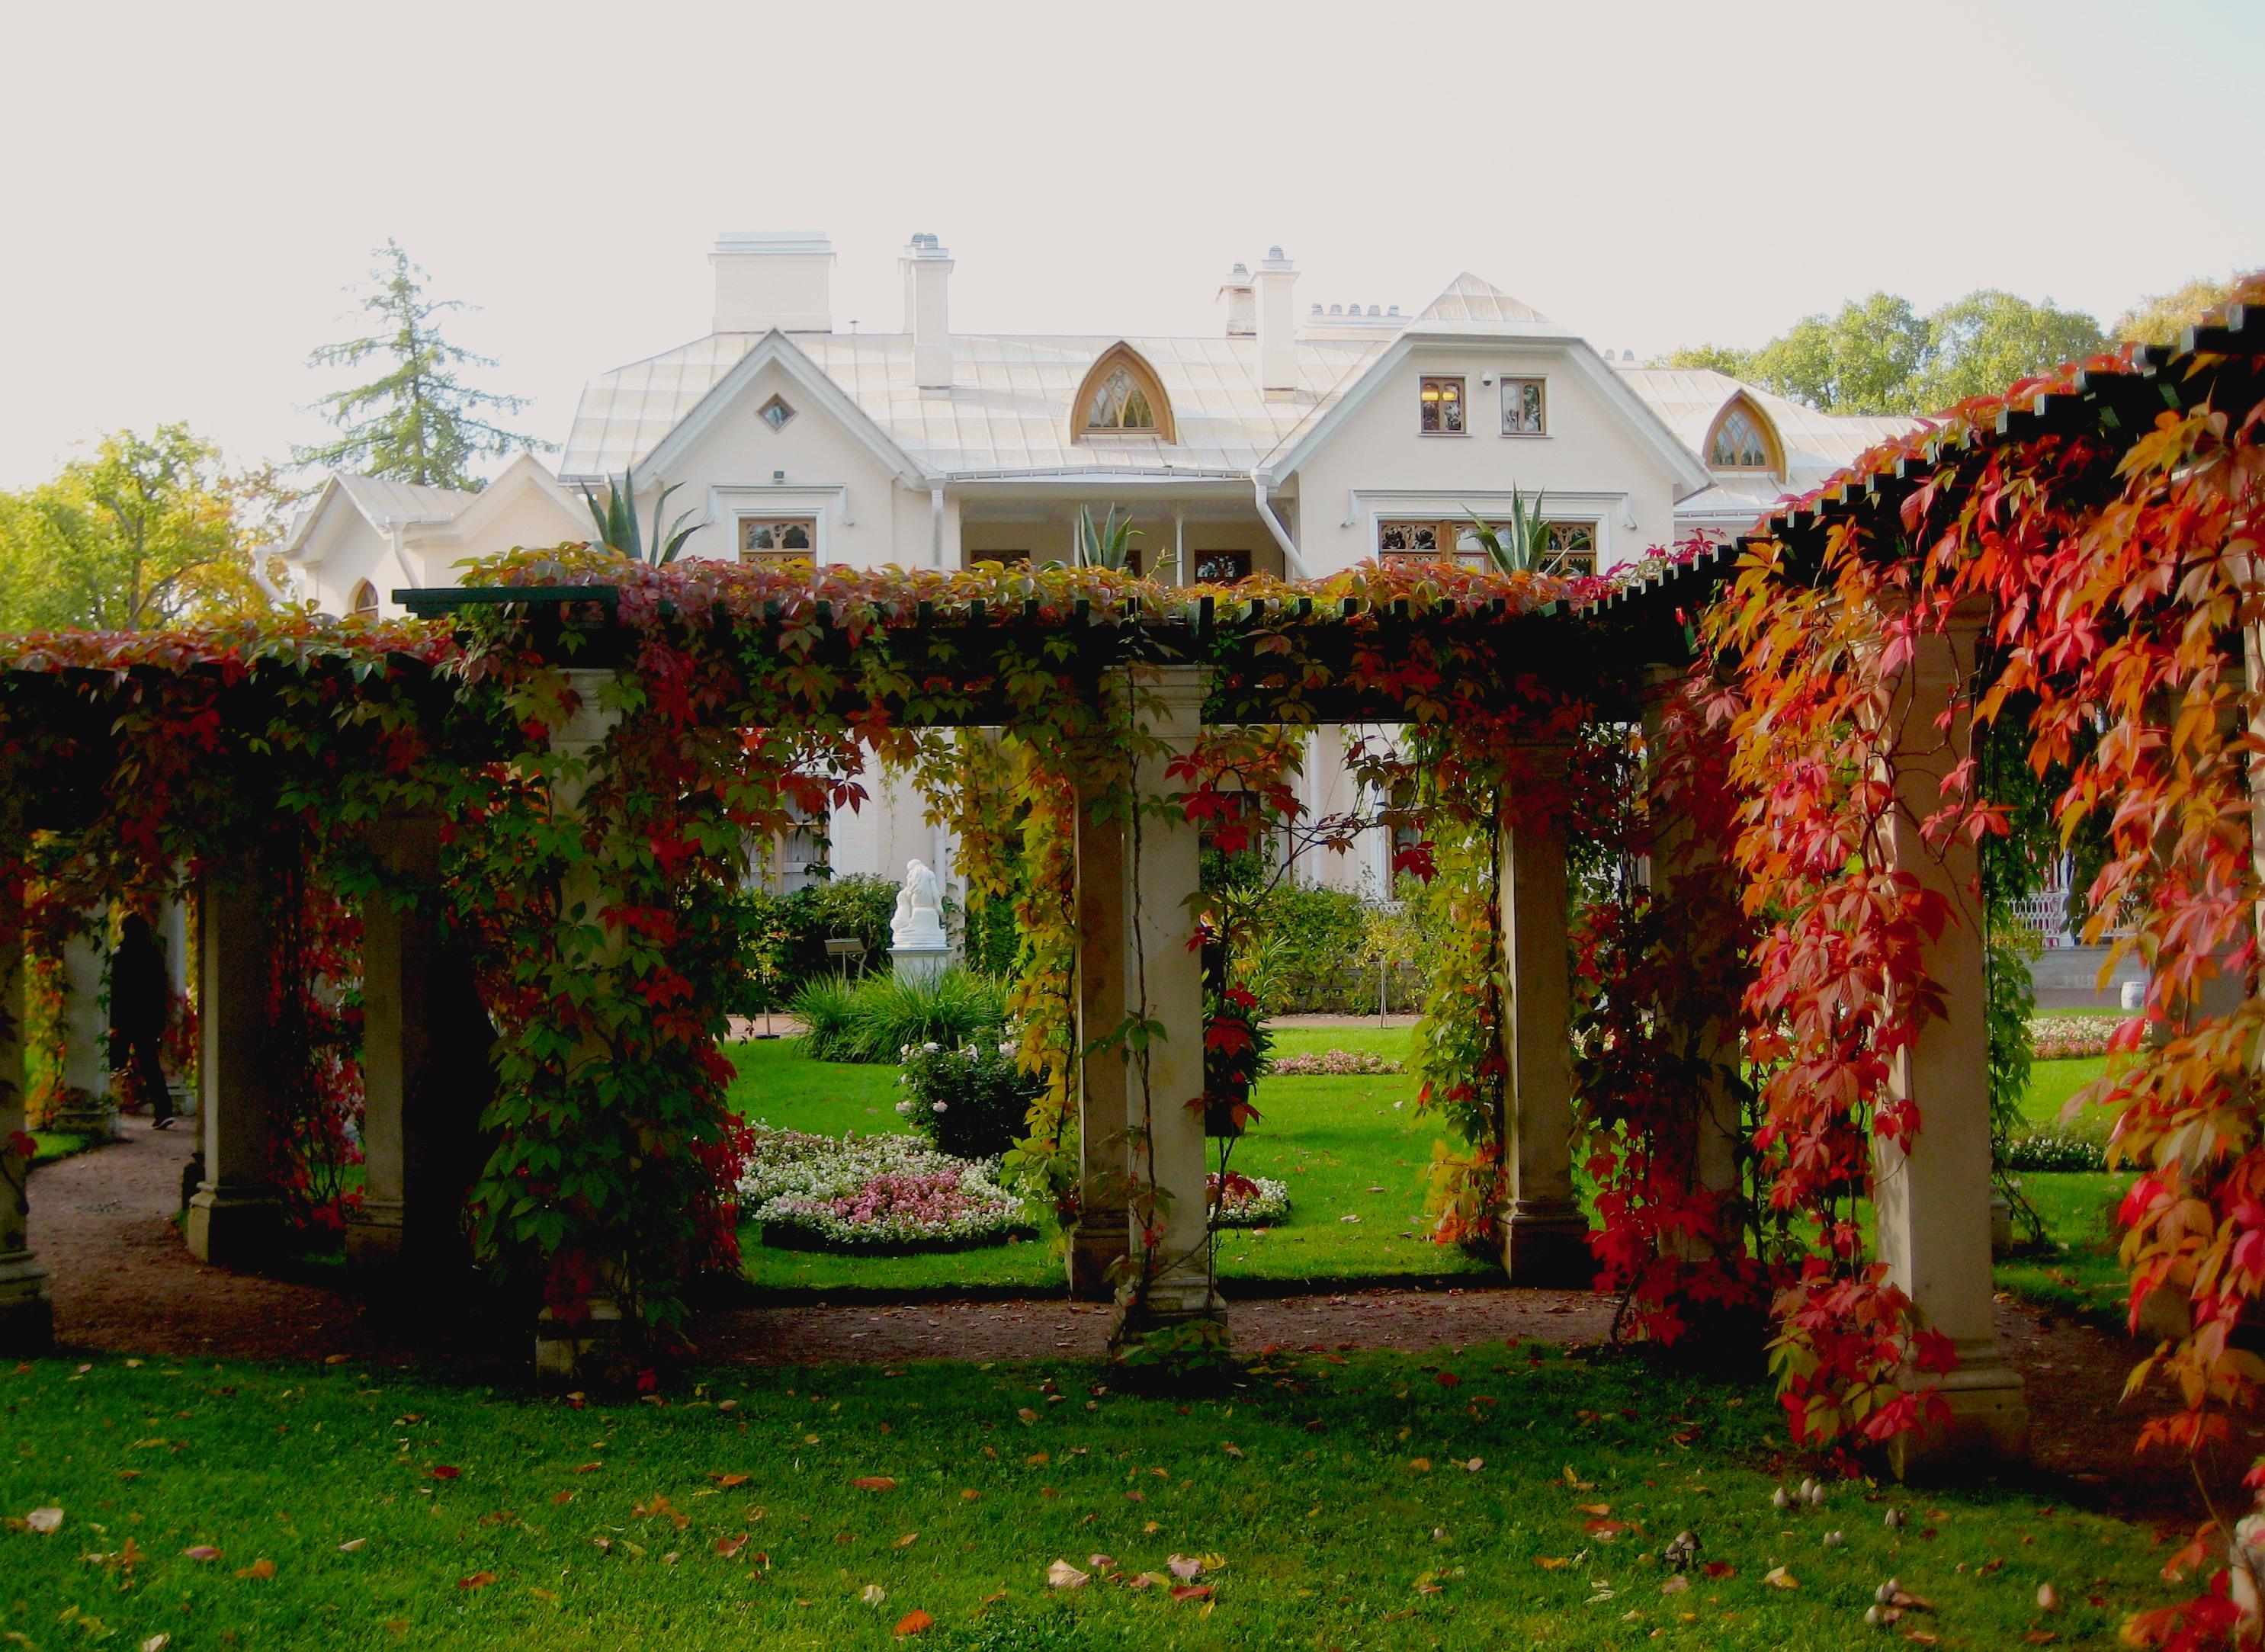 File:2102. Peterhof. Own garden of the Farm Palace.jpg - Wikimedia ...